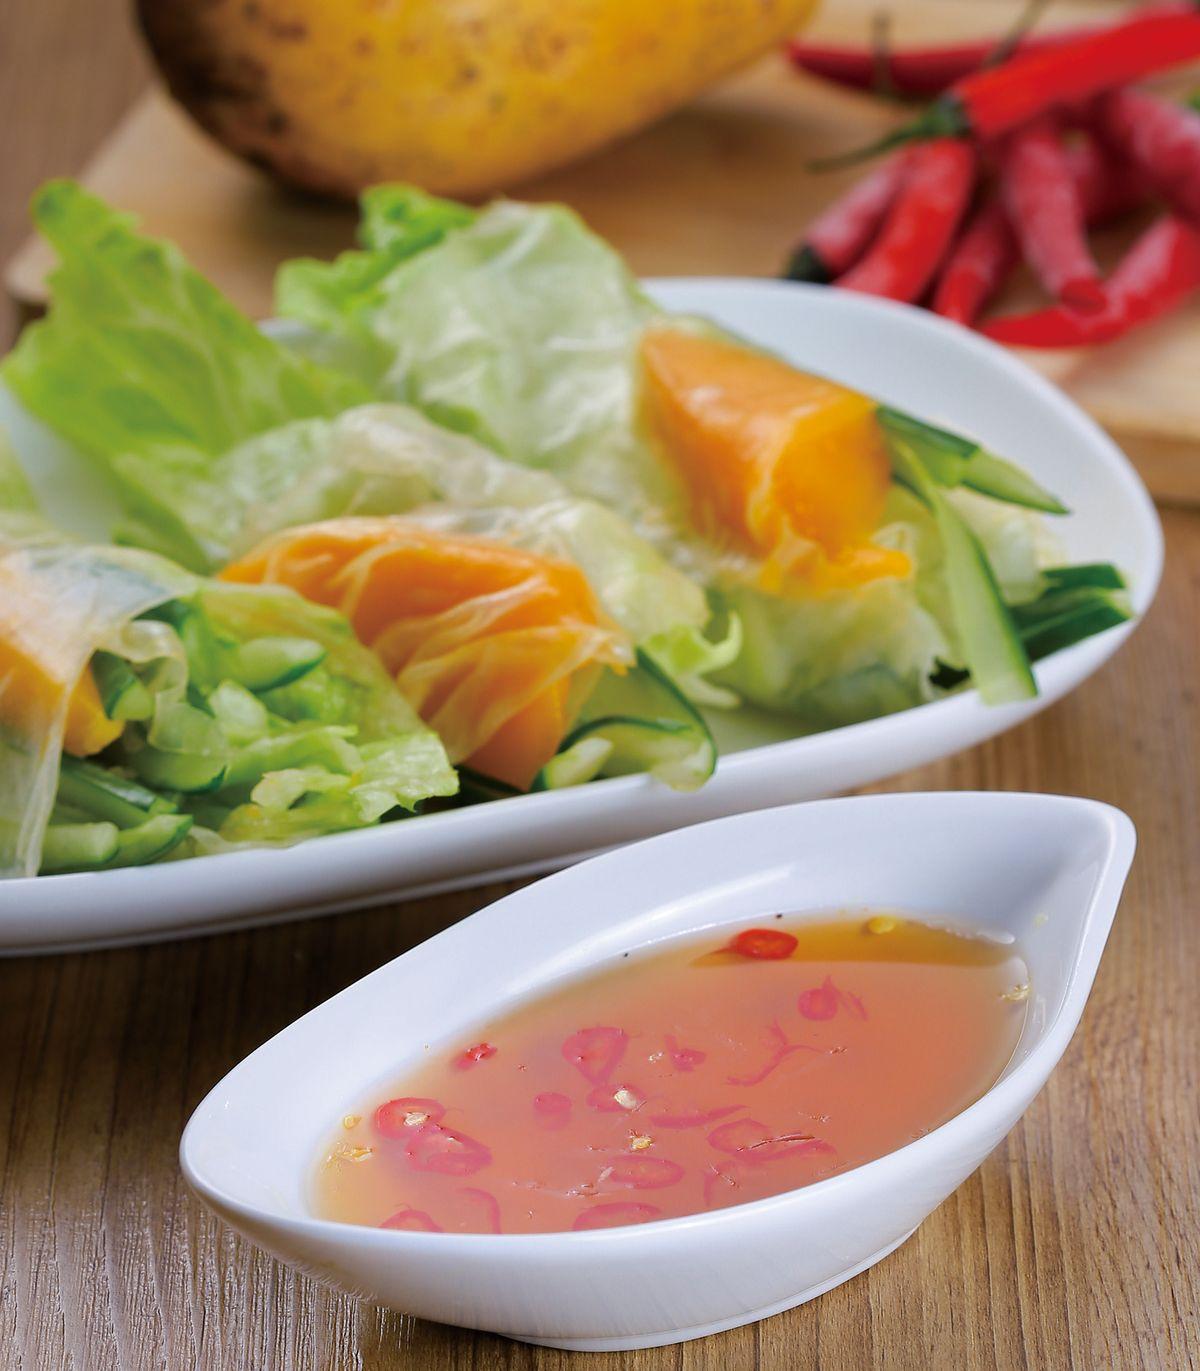 食譜:越式蔬食生春卷